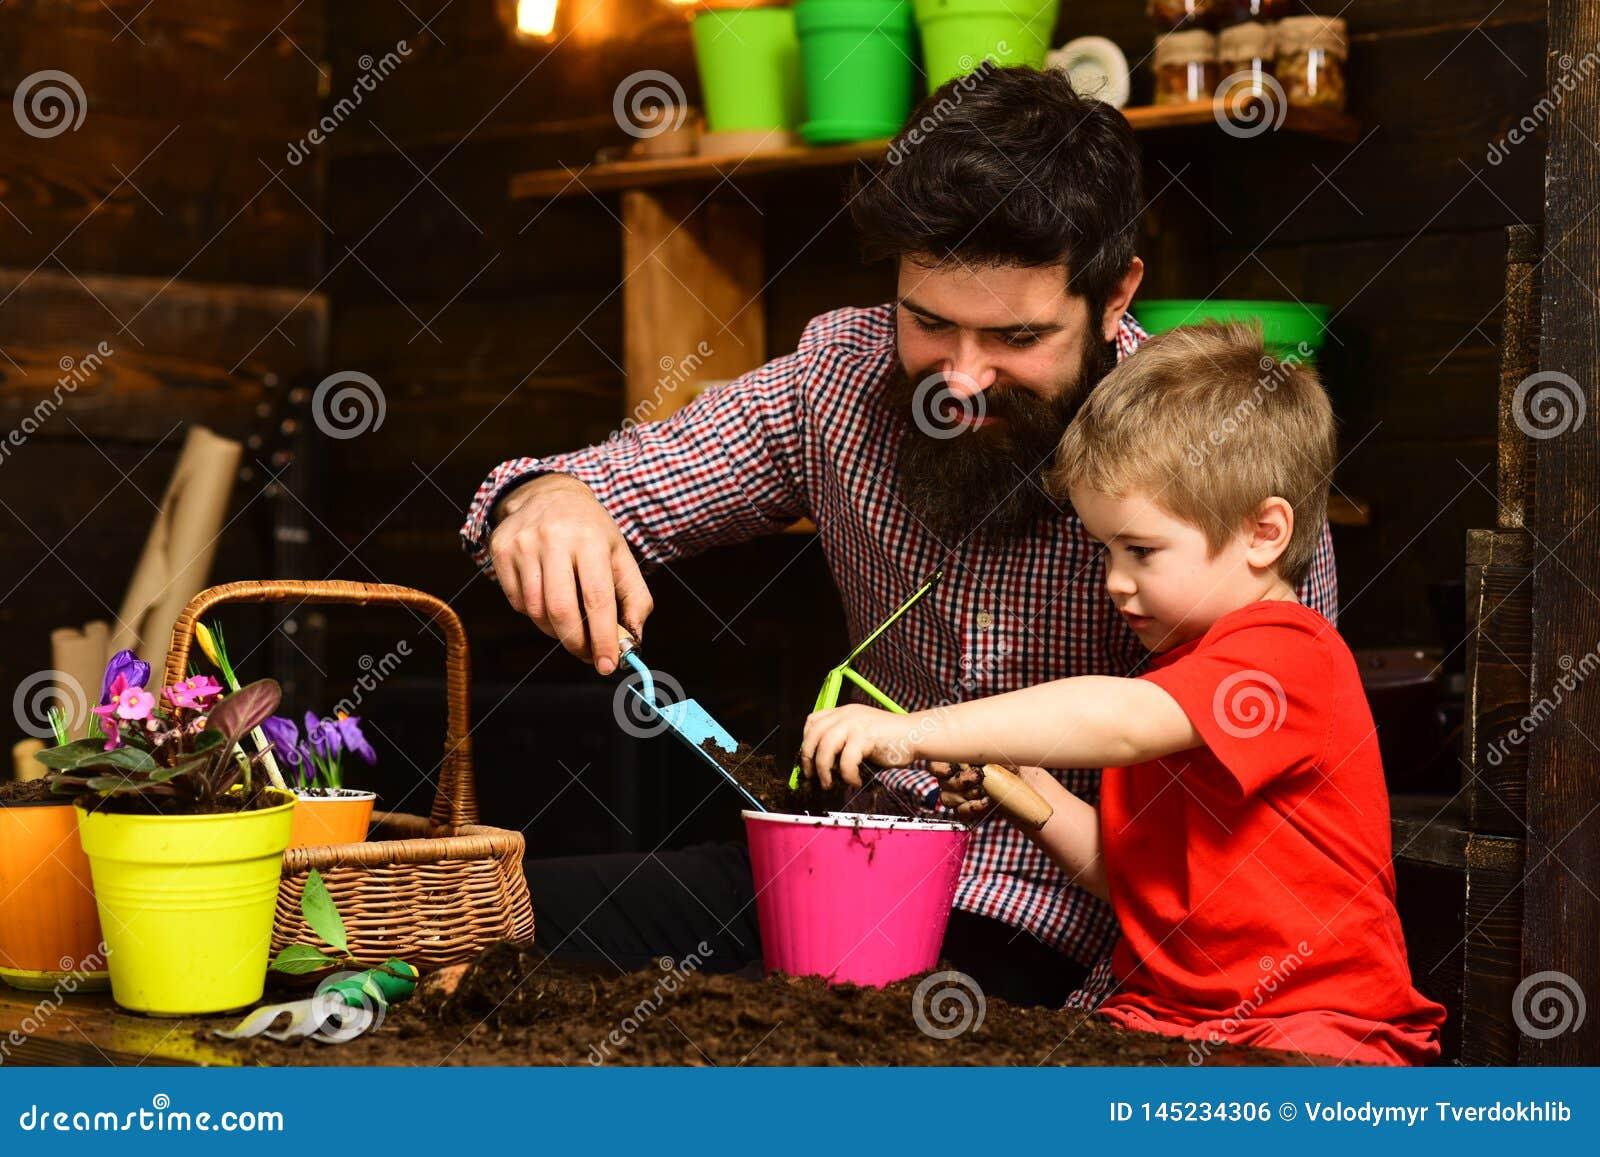 Ojciec i syn Ojca dzie? Rodzinny dzie? charcica Kwiat opieki podlewanie Glebowi u?y?niacze ogrodniczki z wiosn?